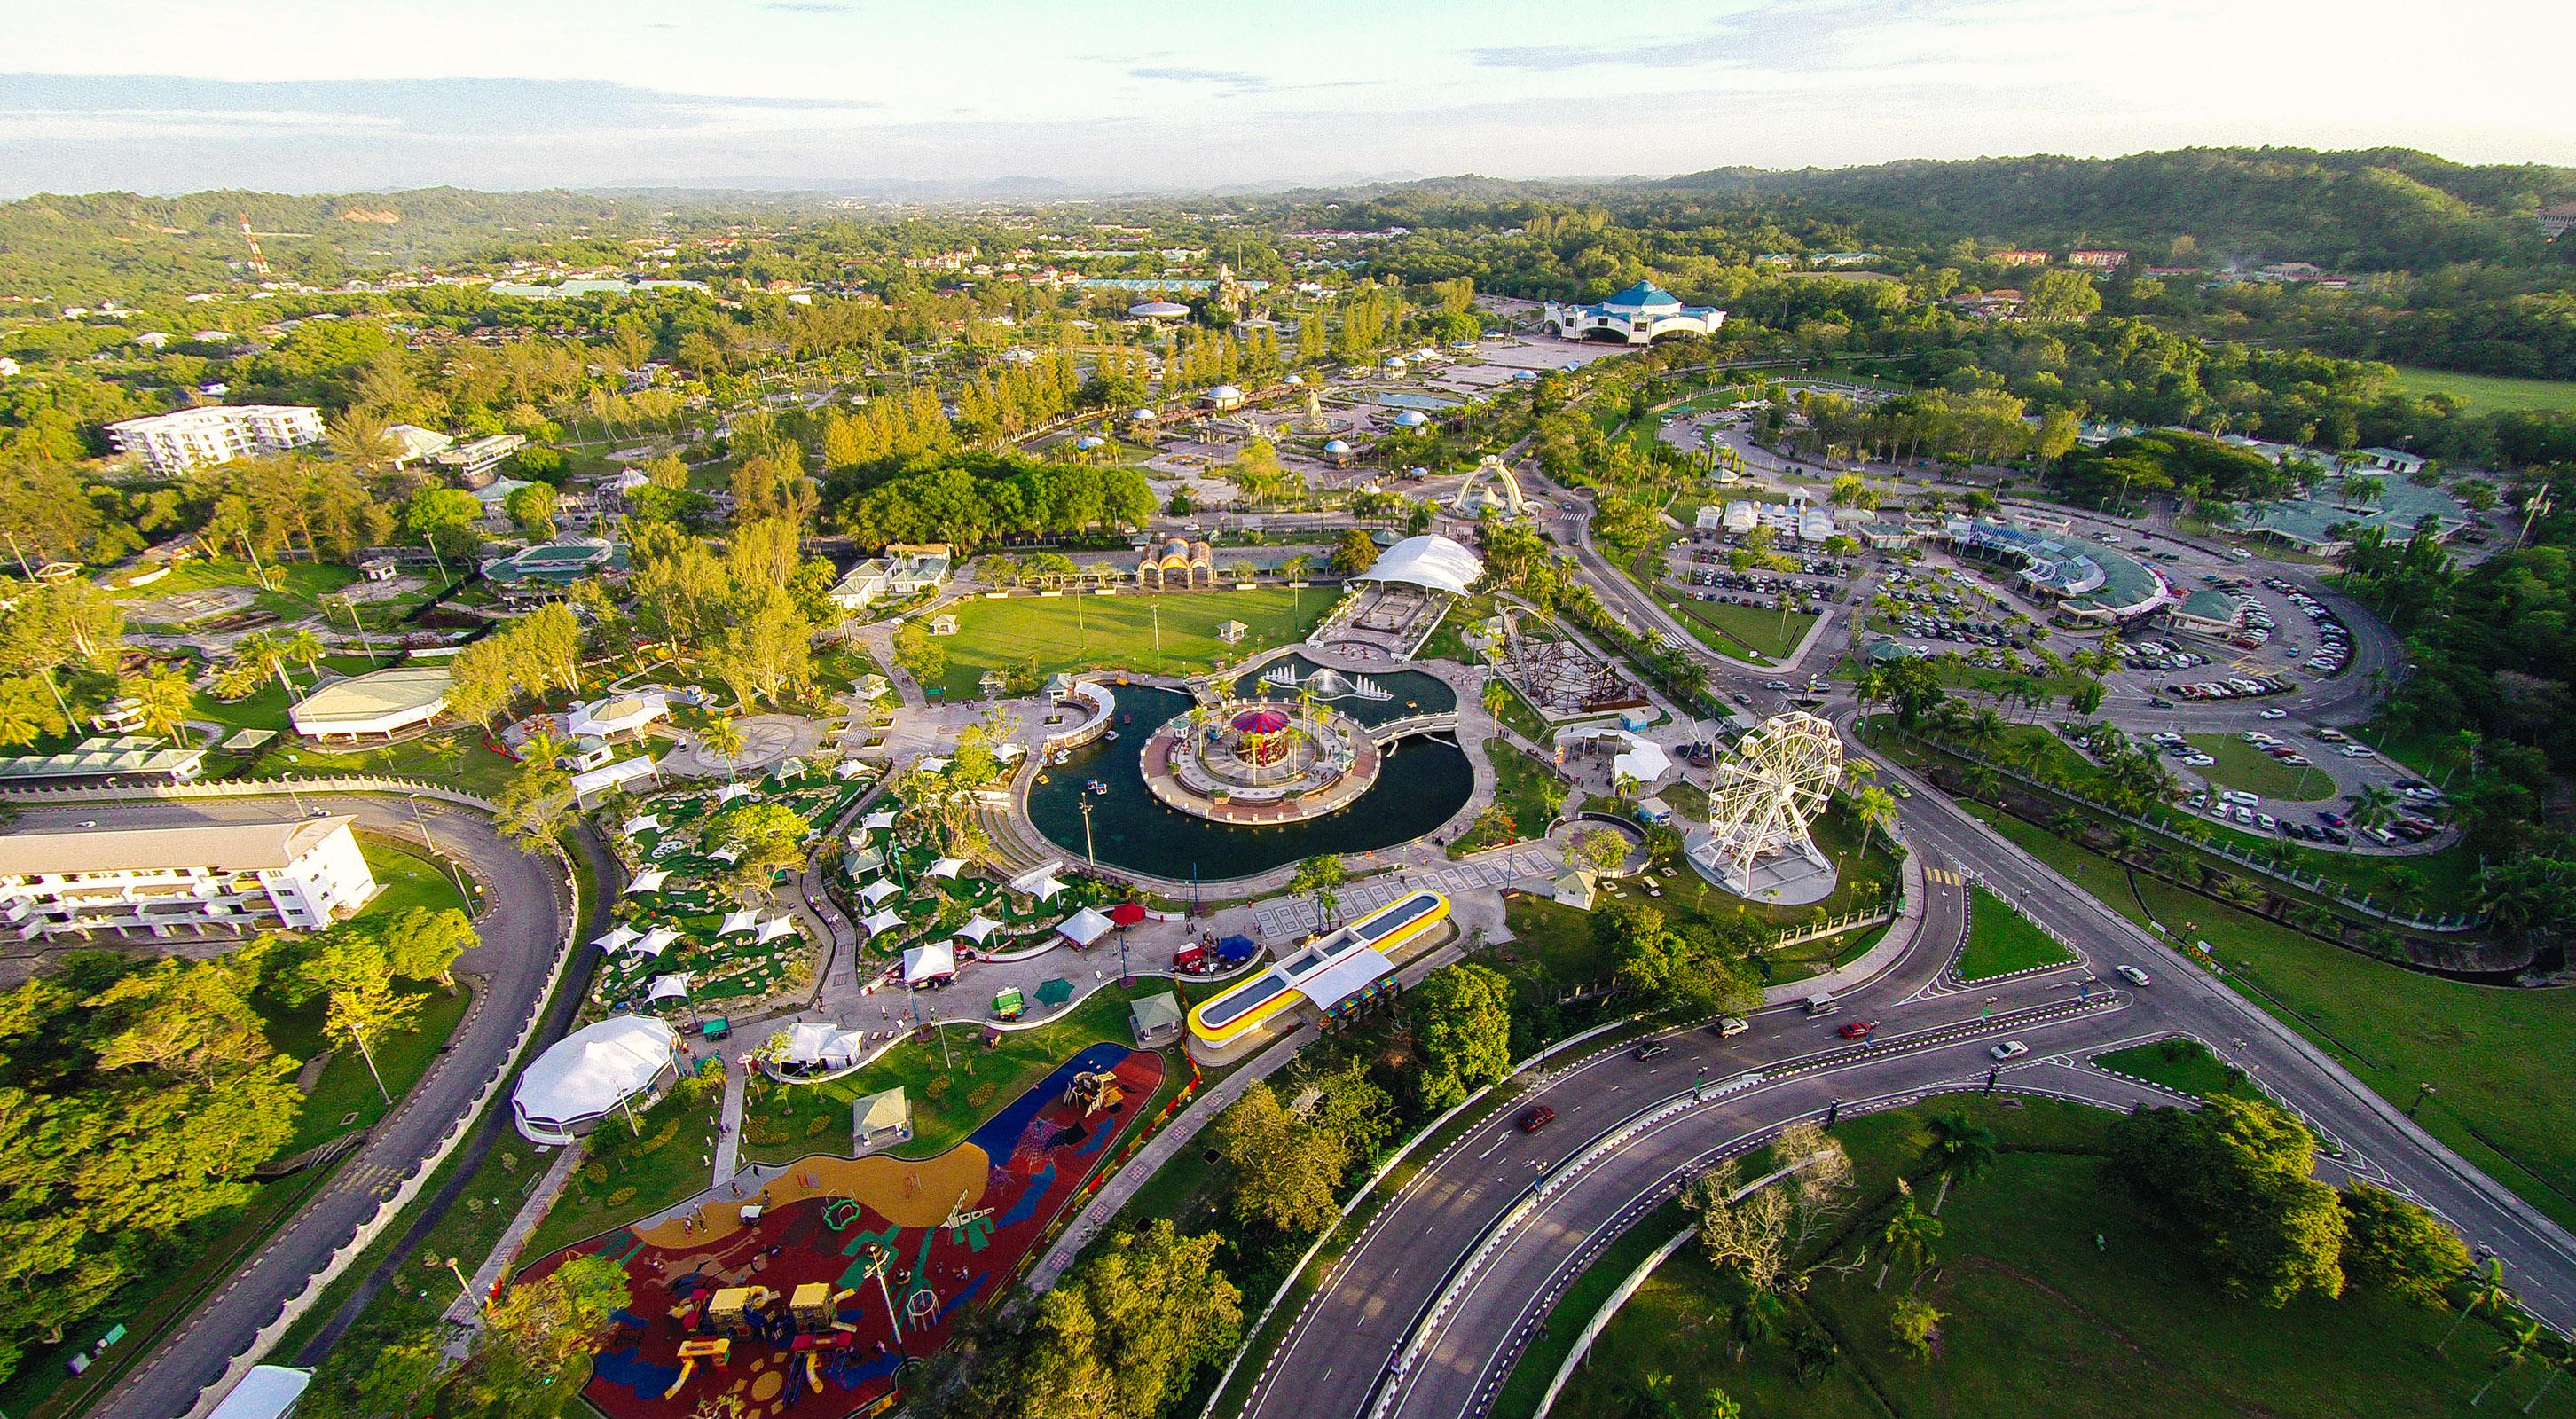 Brunei OFWs hopeful Duterte visit will open more opportunities